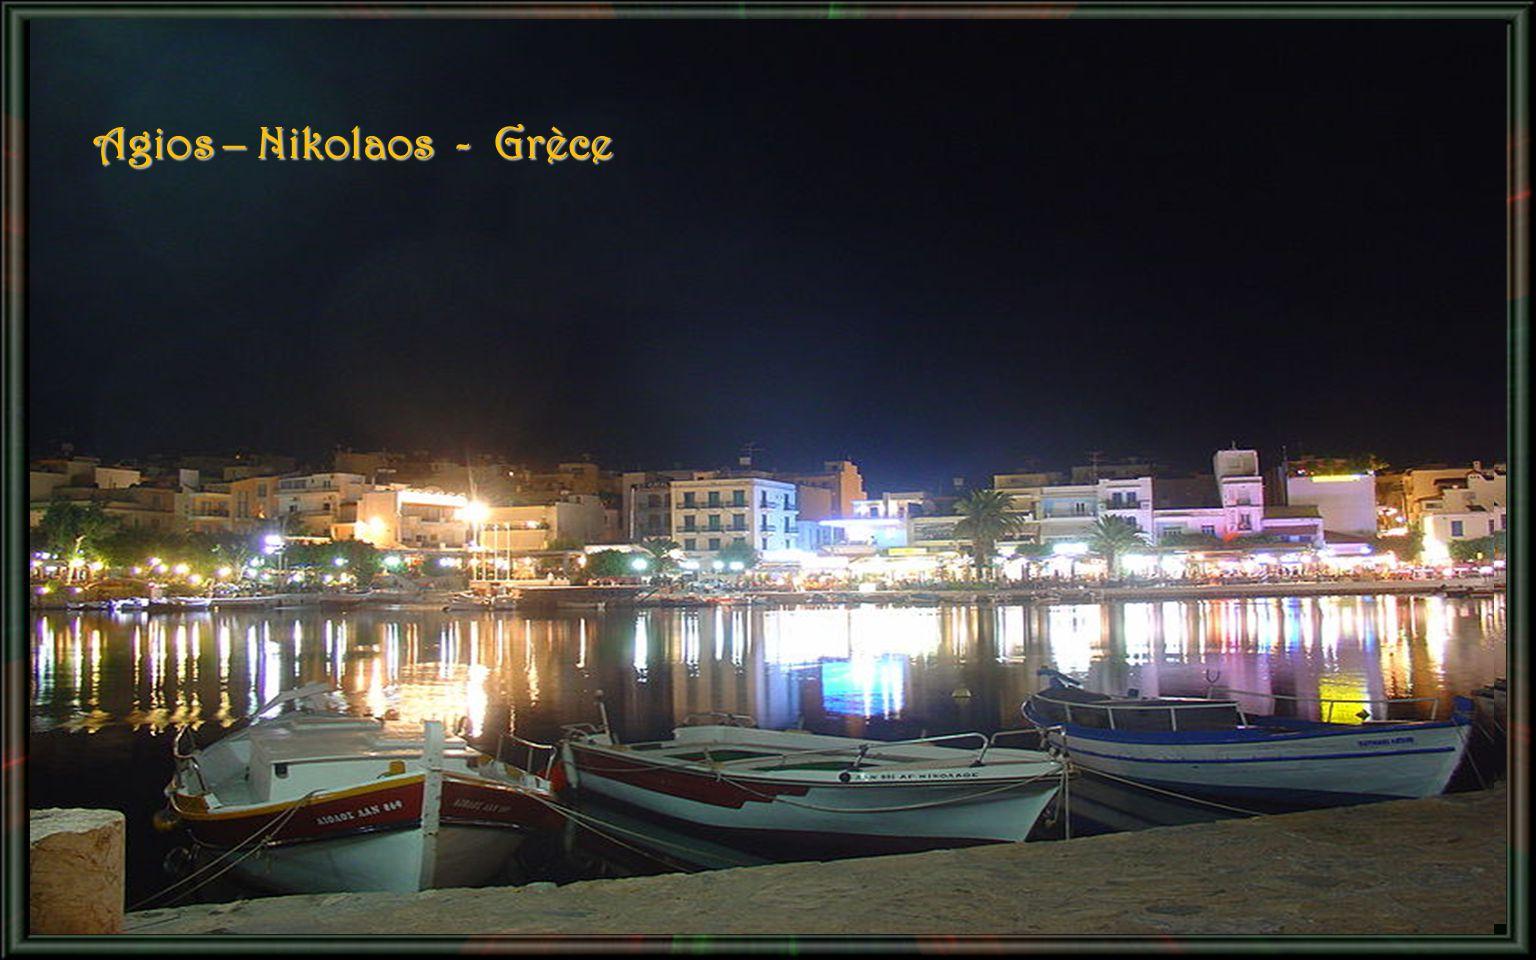 Agios – Nikolaos - Grèce